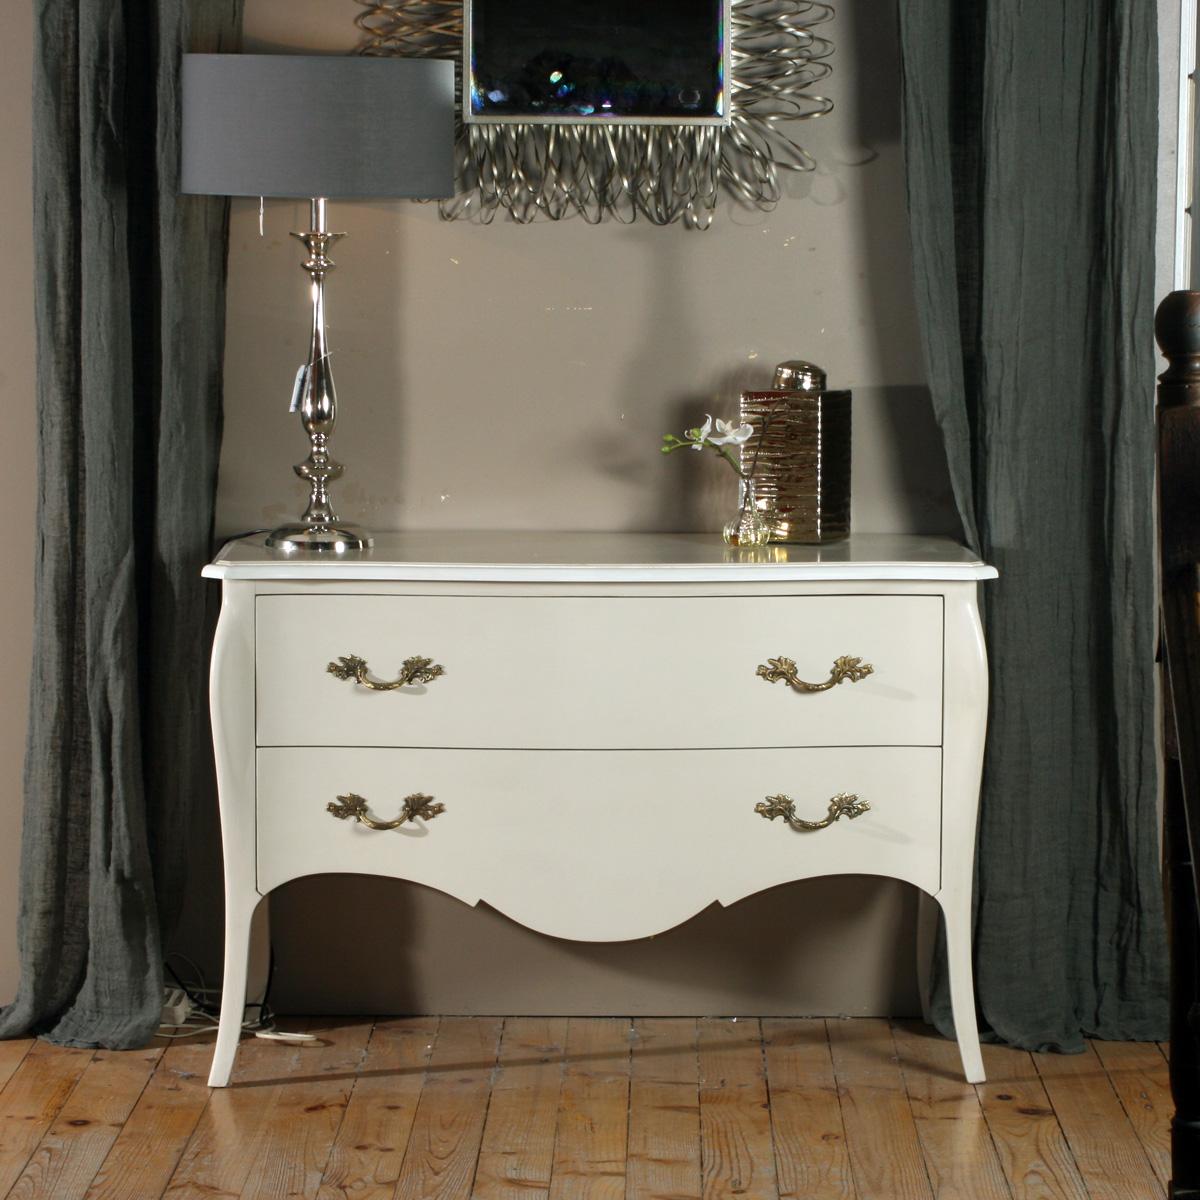 mobilier classique et chic l 39 atelier du moulin de provence. Black Bedroom Furniture Sets. Home Design Ideas